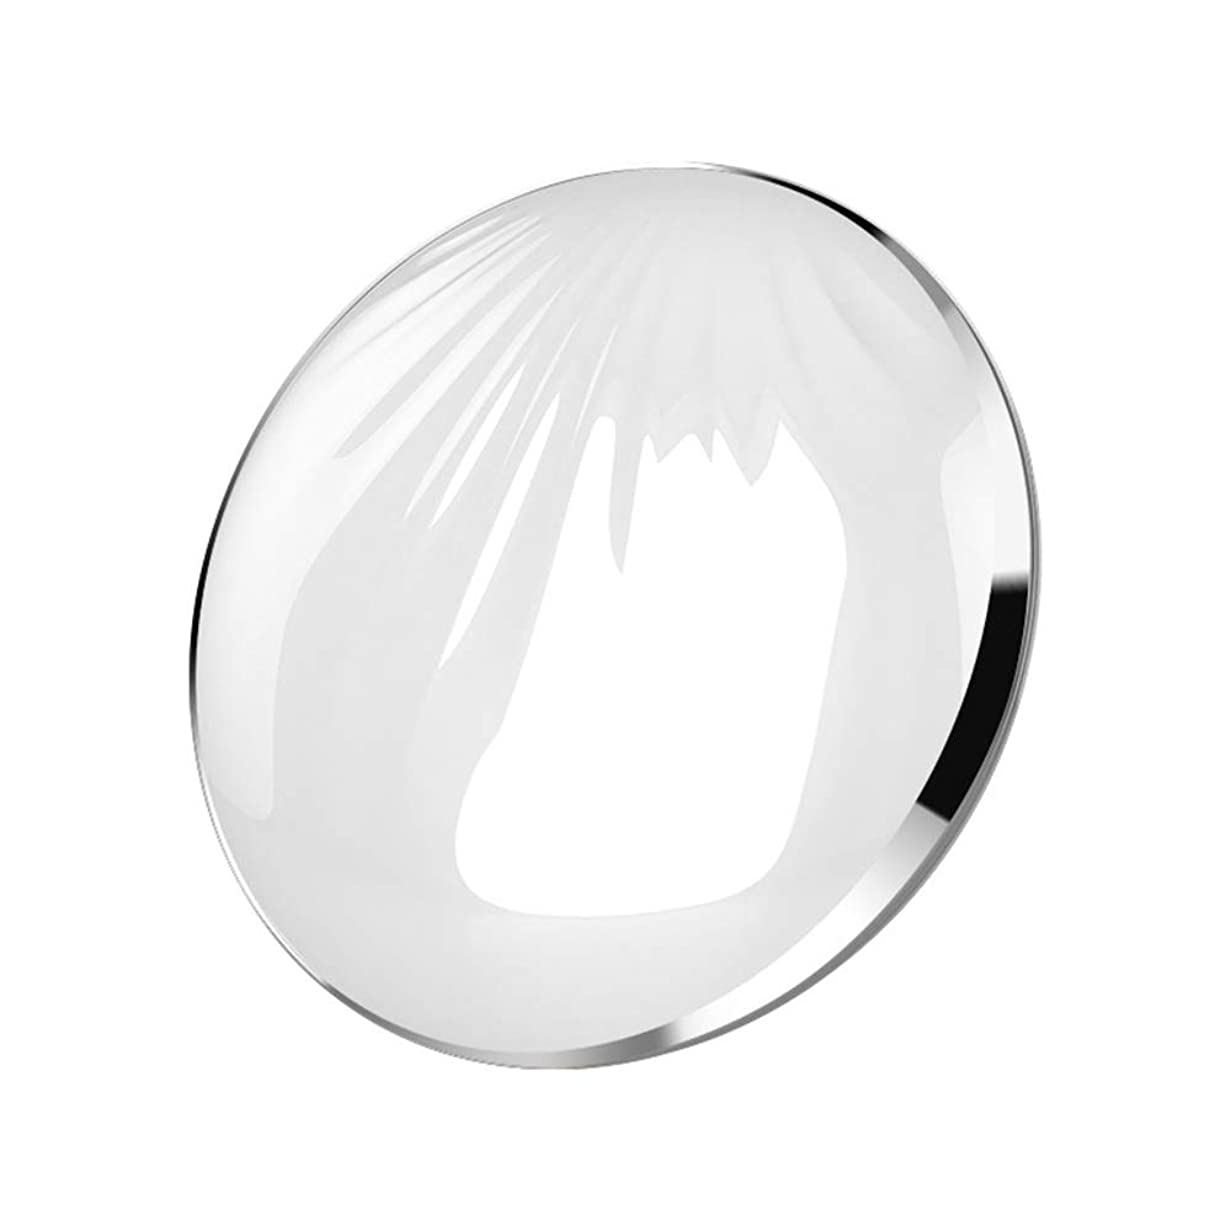 内向きマットレス低下流行の クリエイティブled化粧鏡シェルポータブル折りたたみ式フィルライトusbモバイル充電宝美容鏡化粧台ミラーピンクシルバーコールドライトウォームライトミックスライト (色 : Silver)